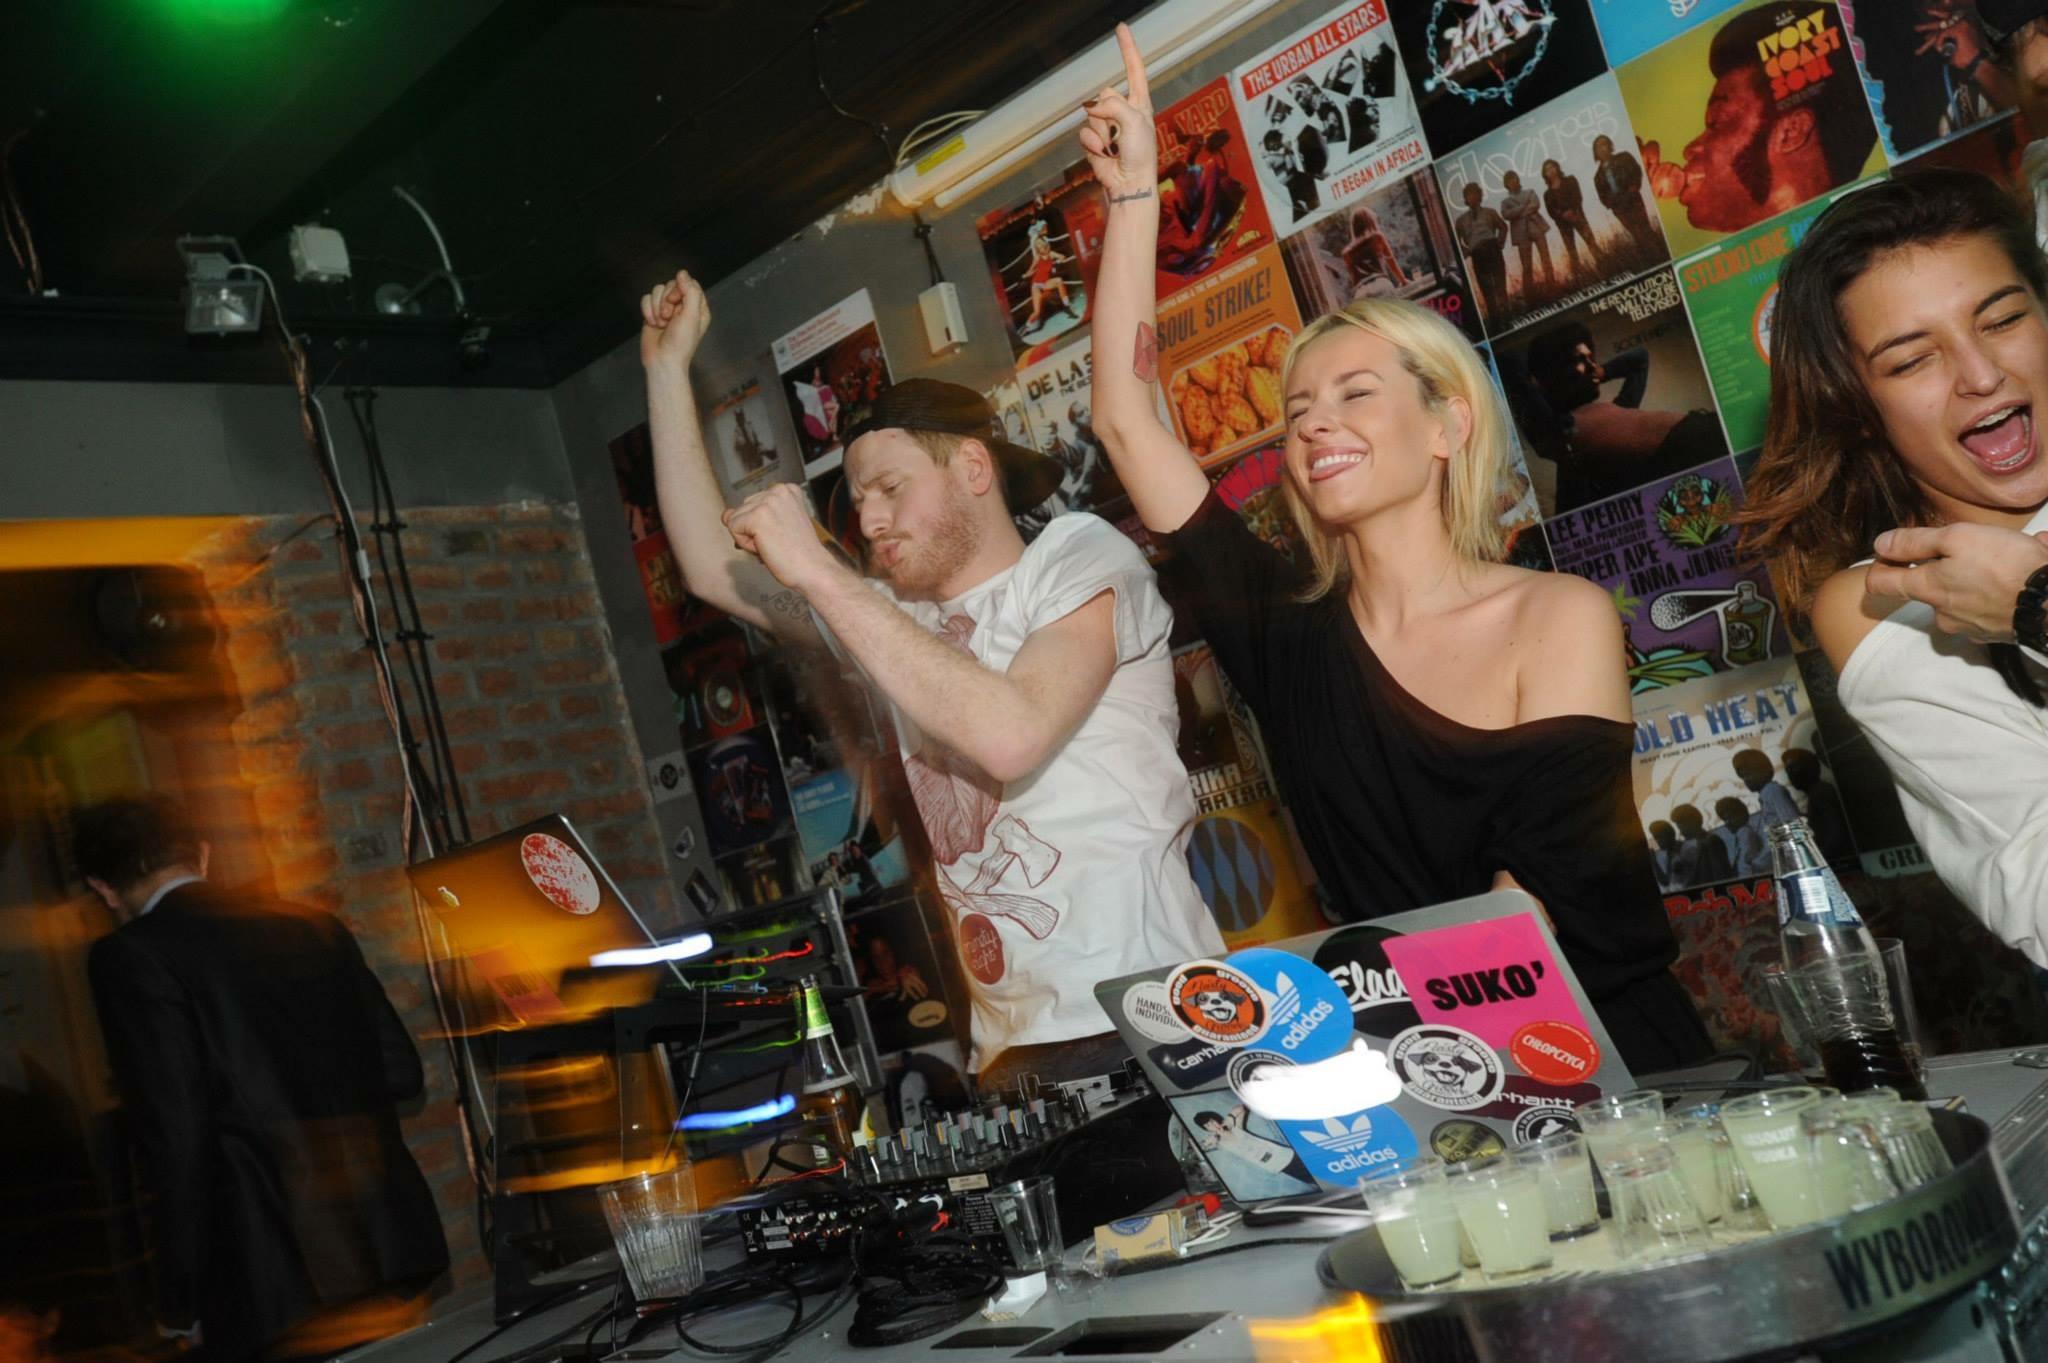 Na zdjęciu widzimy dwóch didżejów - dziewczynę i chłopaka. Mają ręce w górze i tańczą.